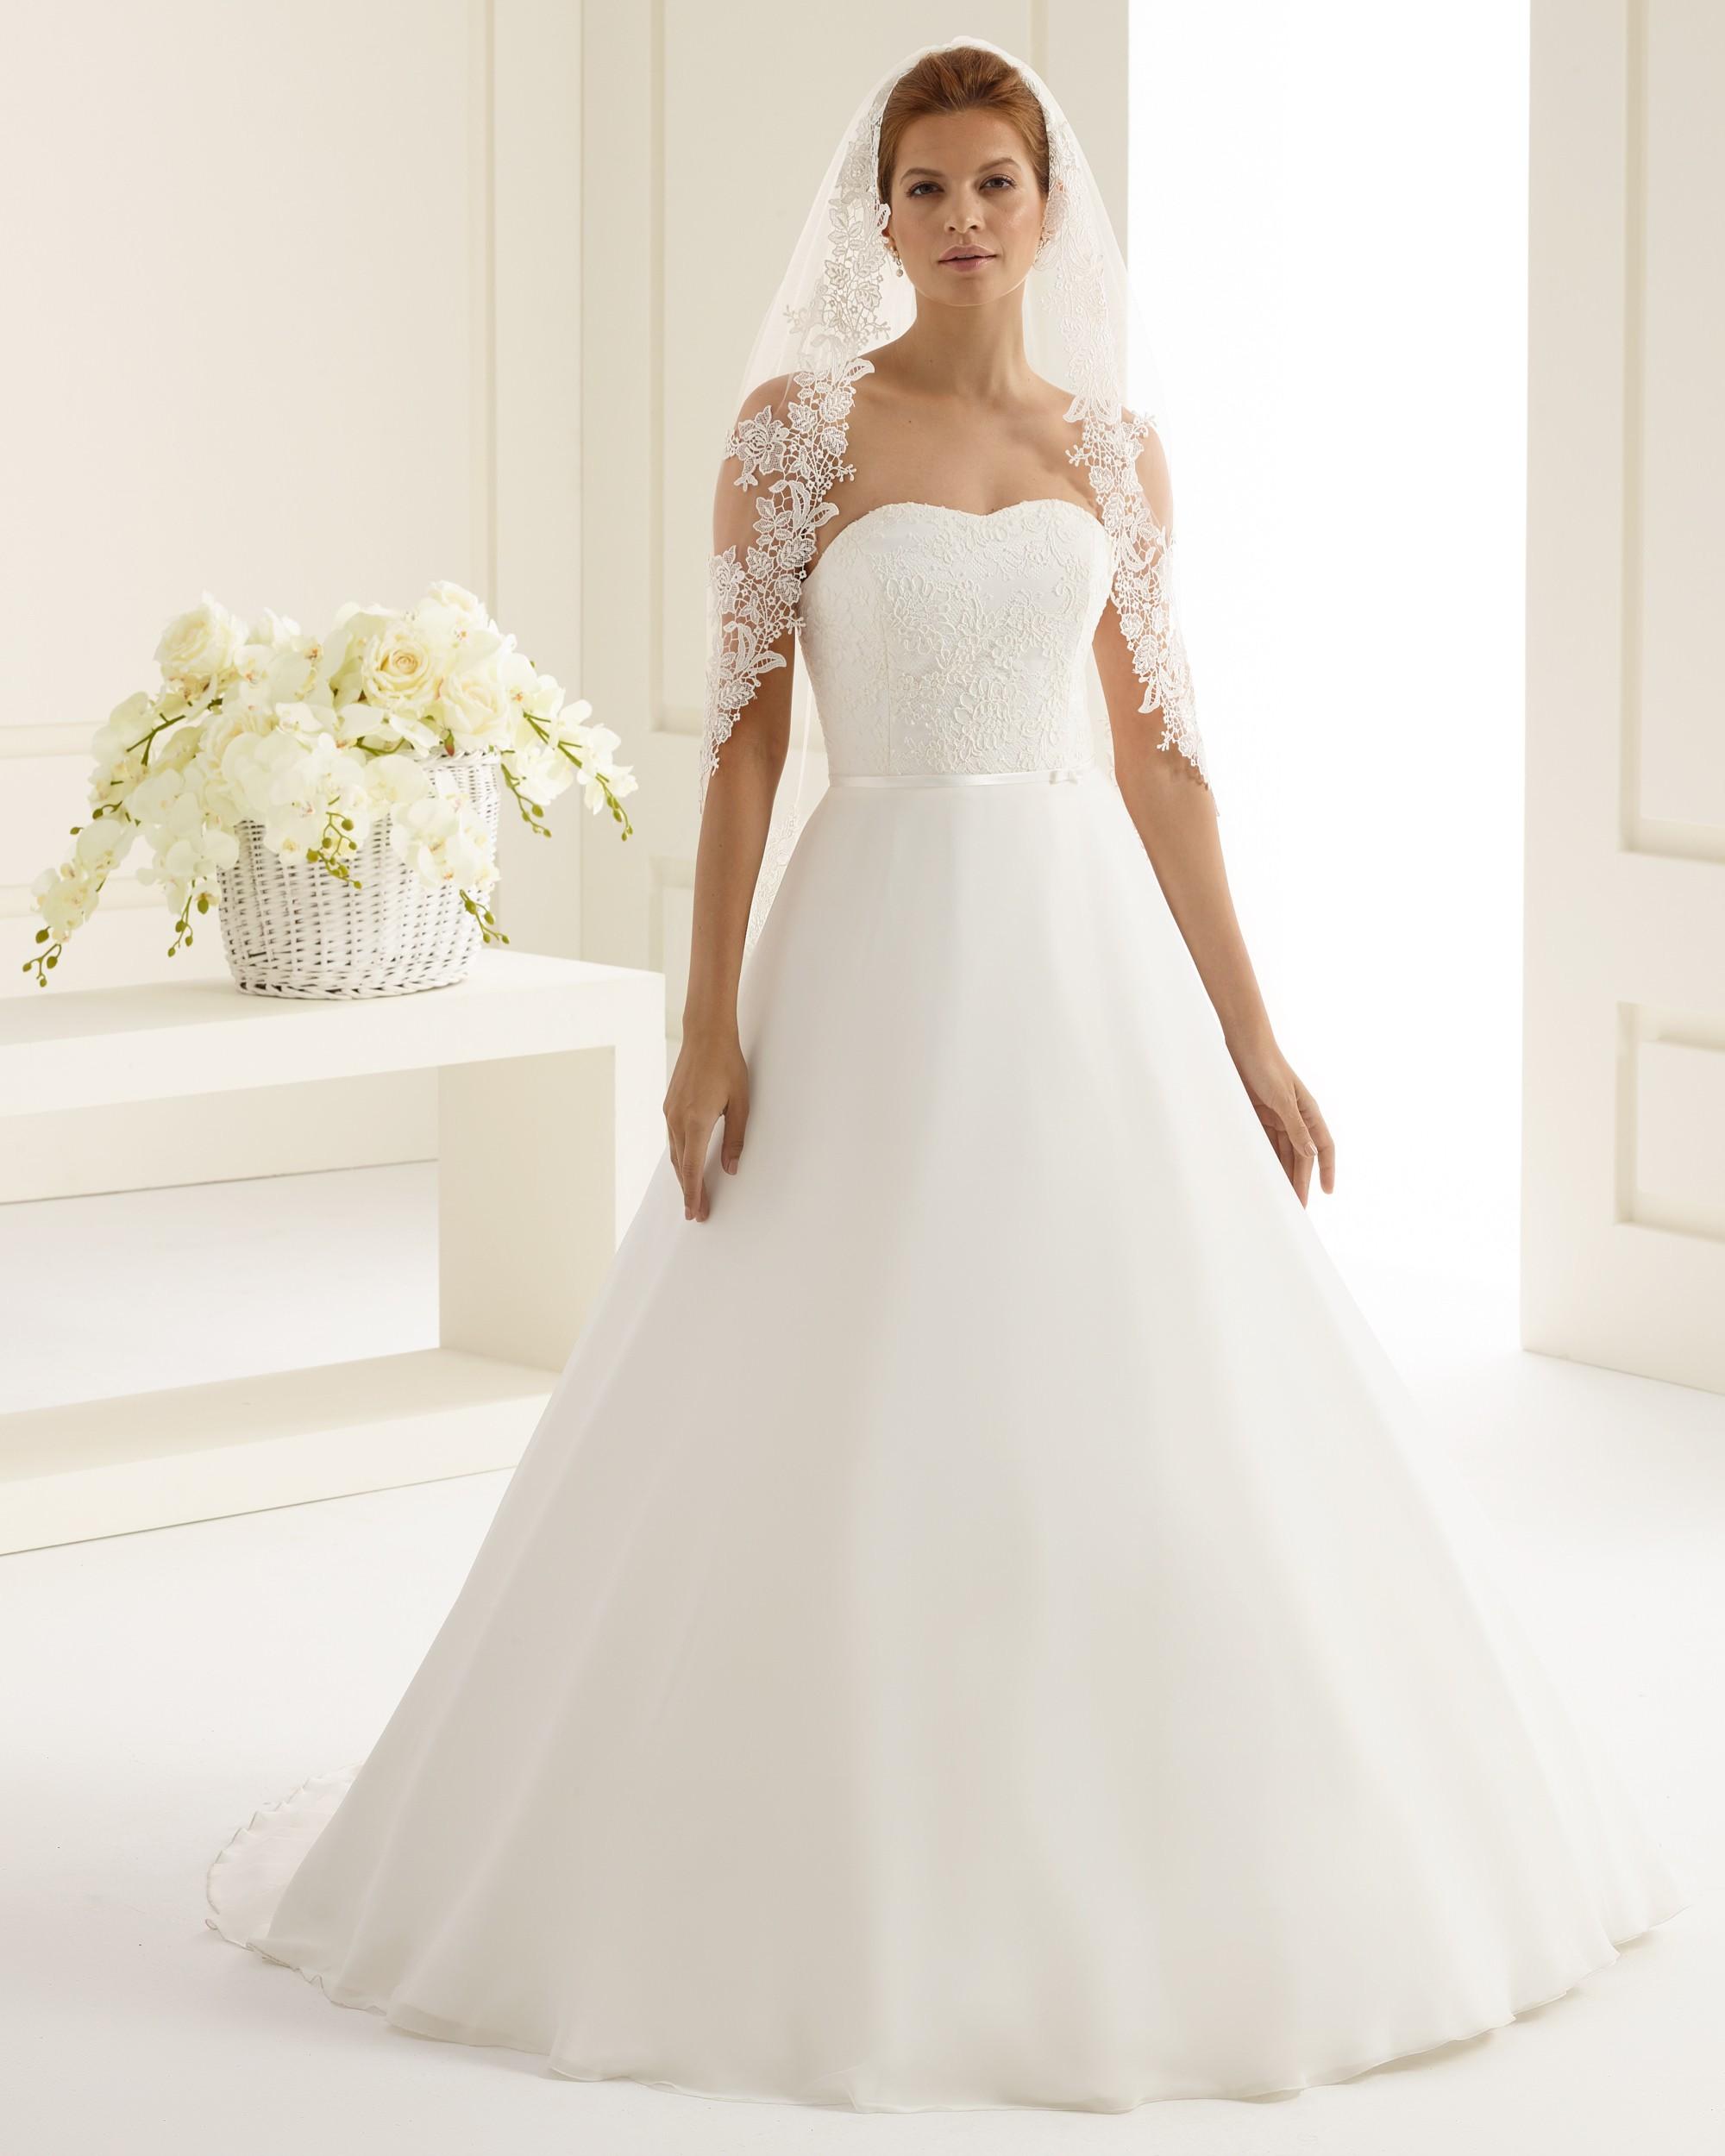 bianco evento s202 wedding wonderland. Black Bedroom Furniture Sets. Home Design Ideas